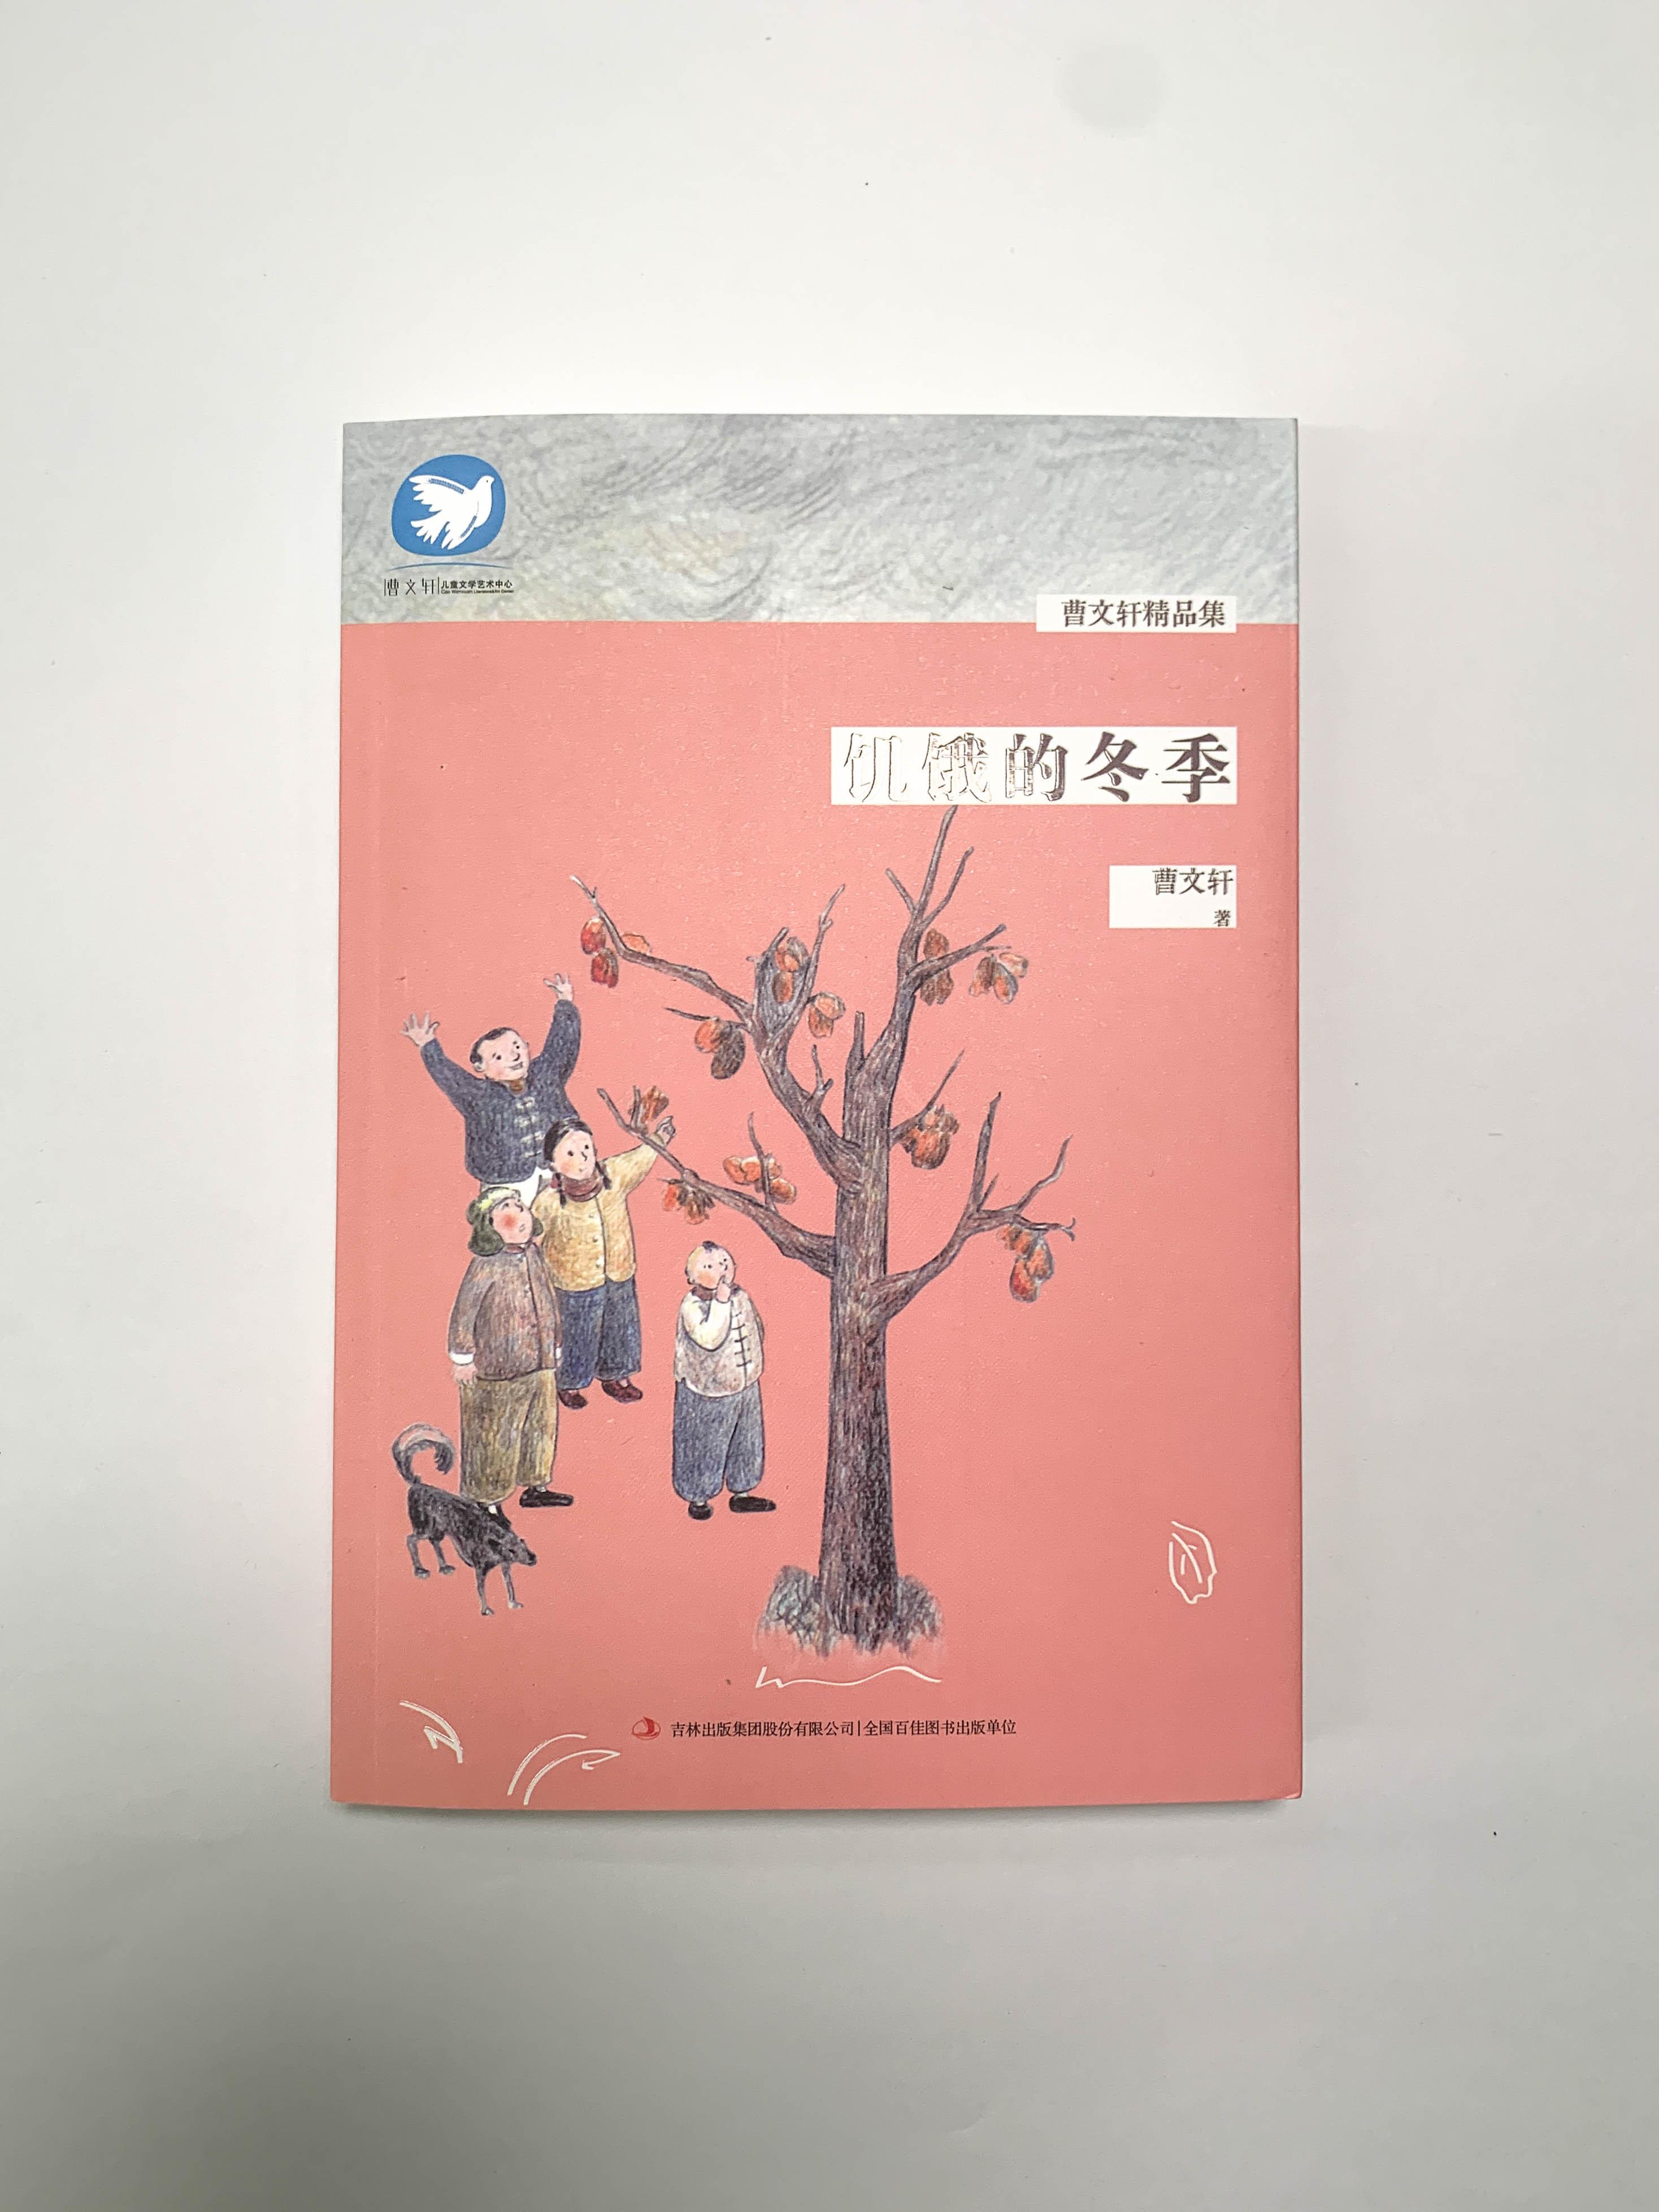 长春市博锐文化传媒有限公司:阅读儿童绘本的好处